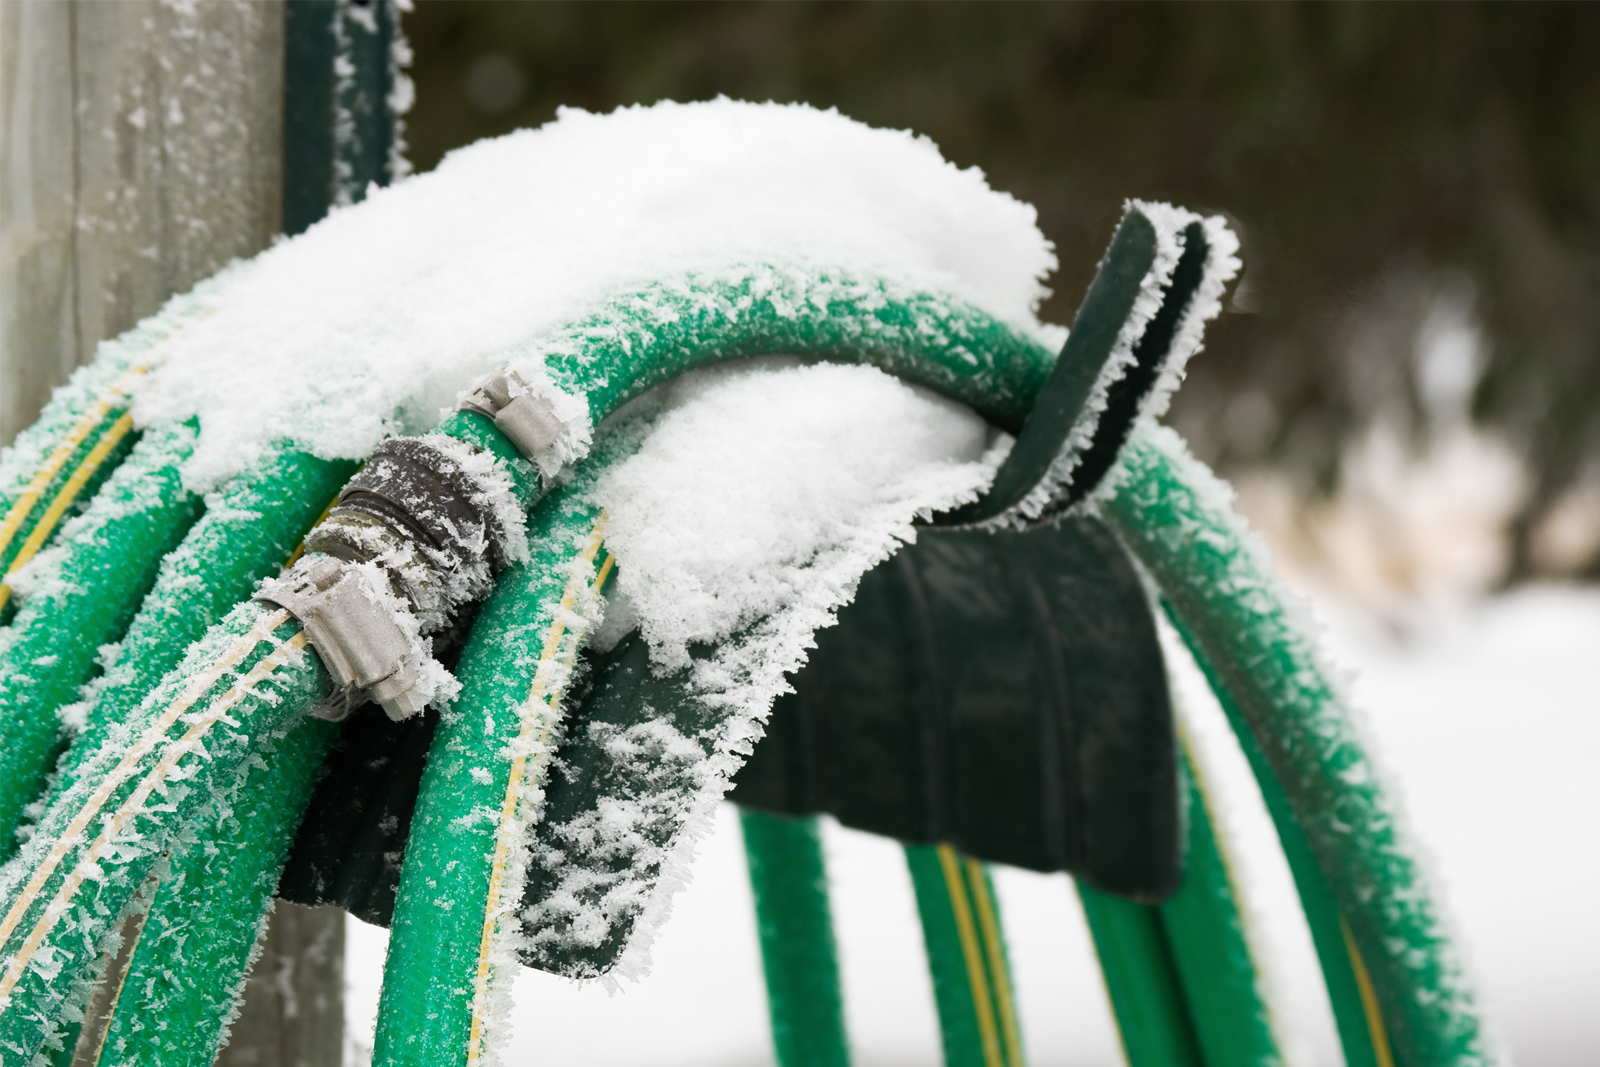 Frozen garden hose outside a house